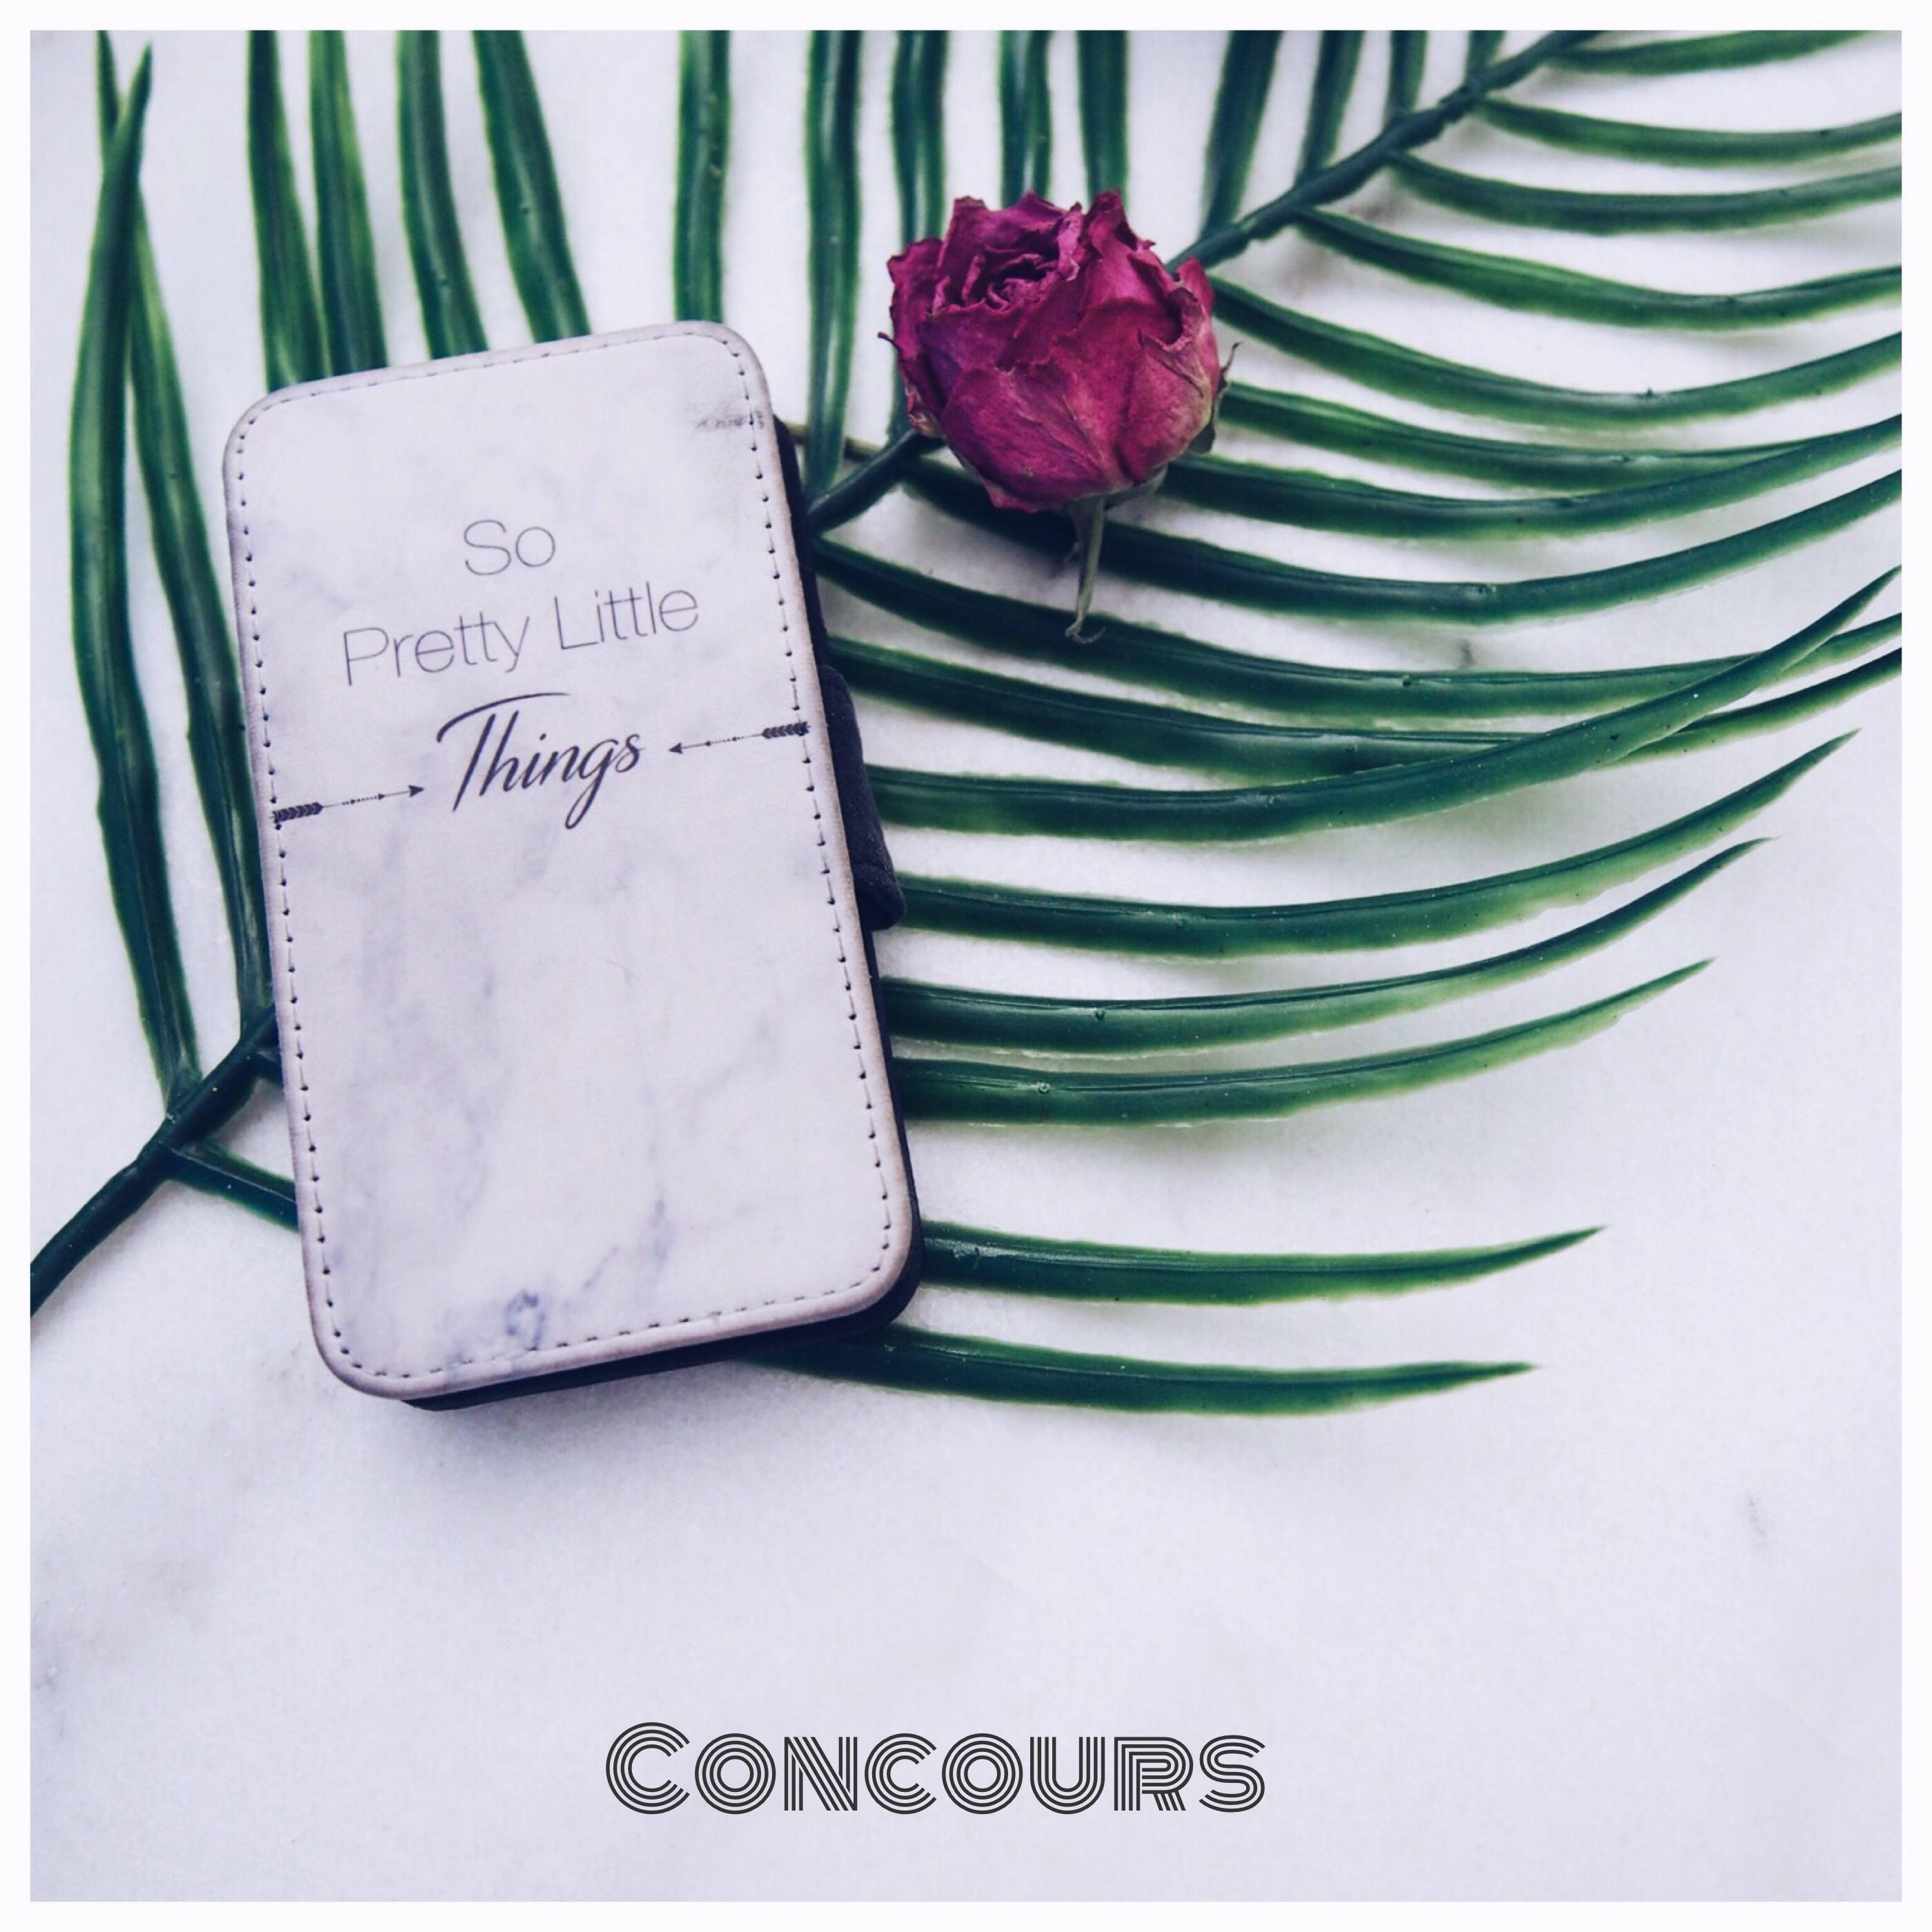 CONCOURS GoCustomized